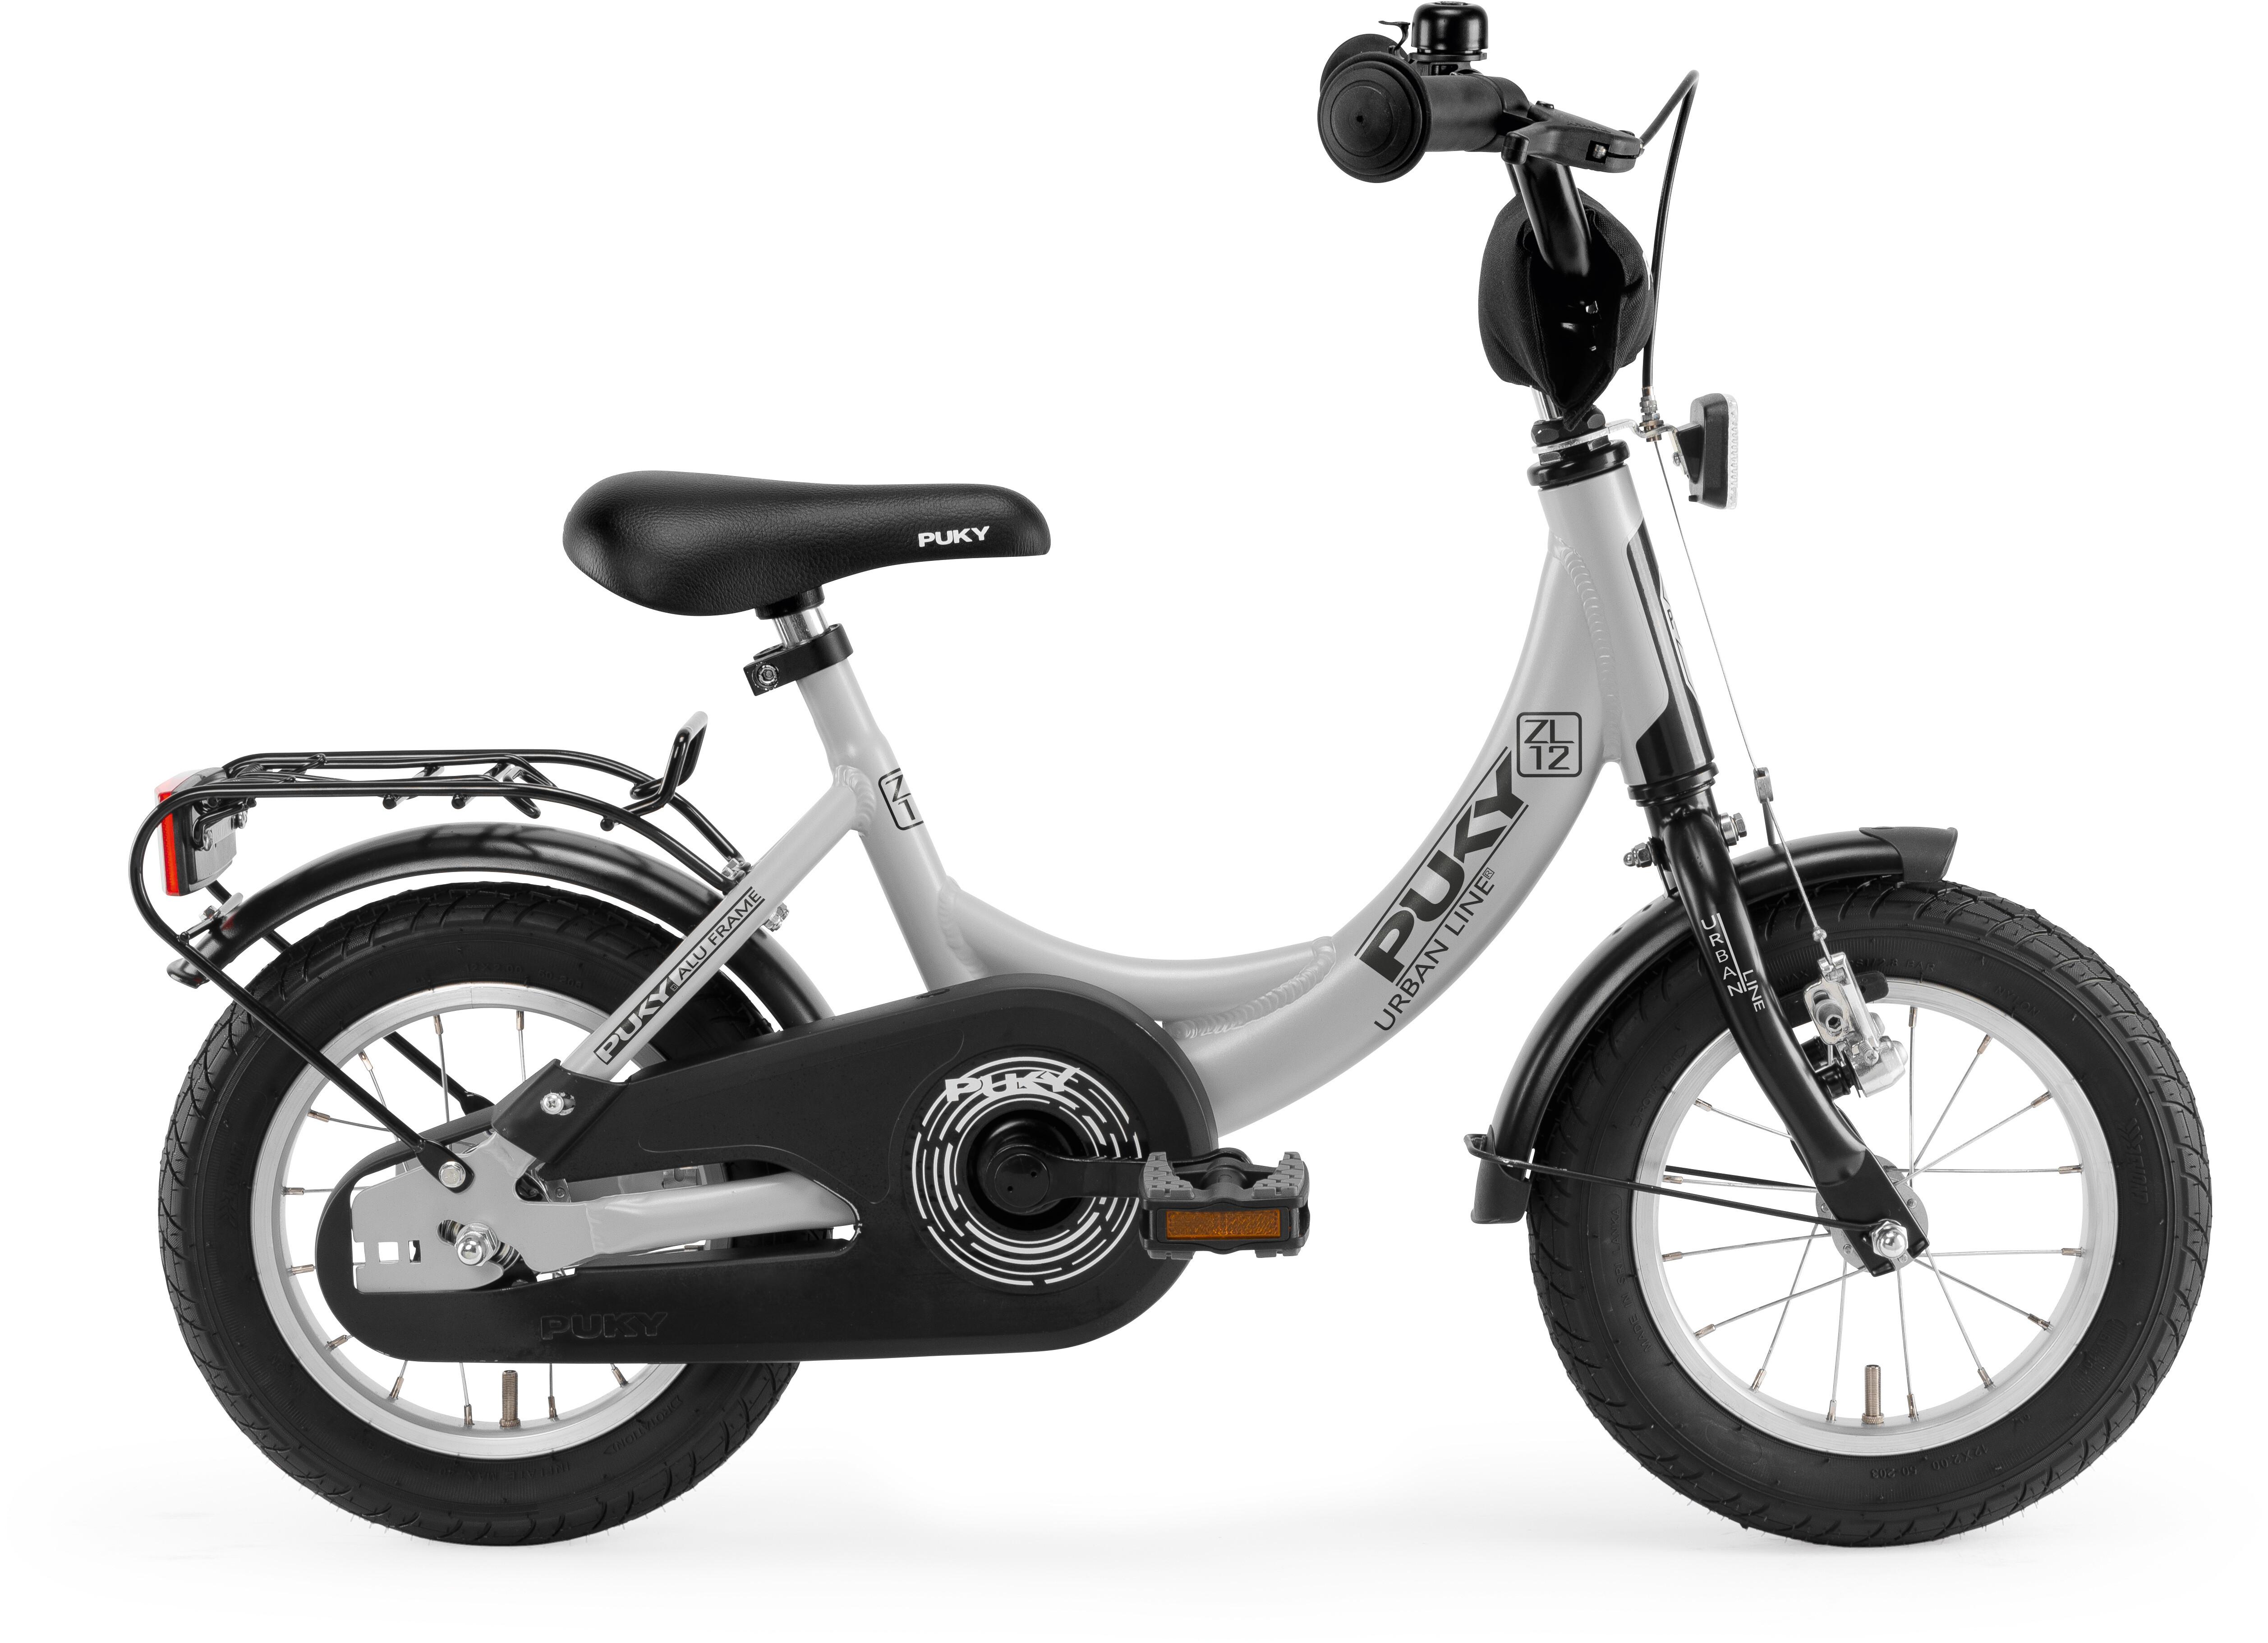 puky zl 12 1 alu fahrrad 12 kinder lichtgrau schwarz. Black Bedroom Furniture Sets. Home Design Ideas